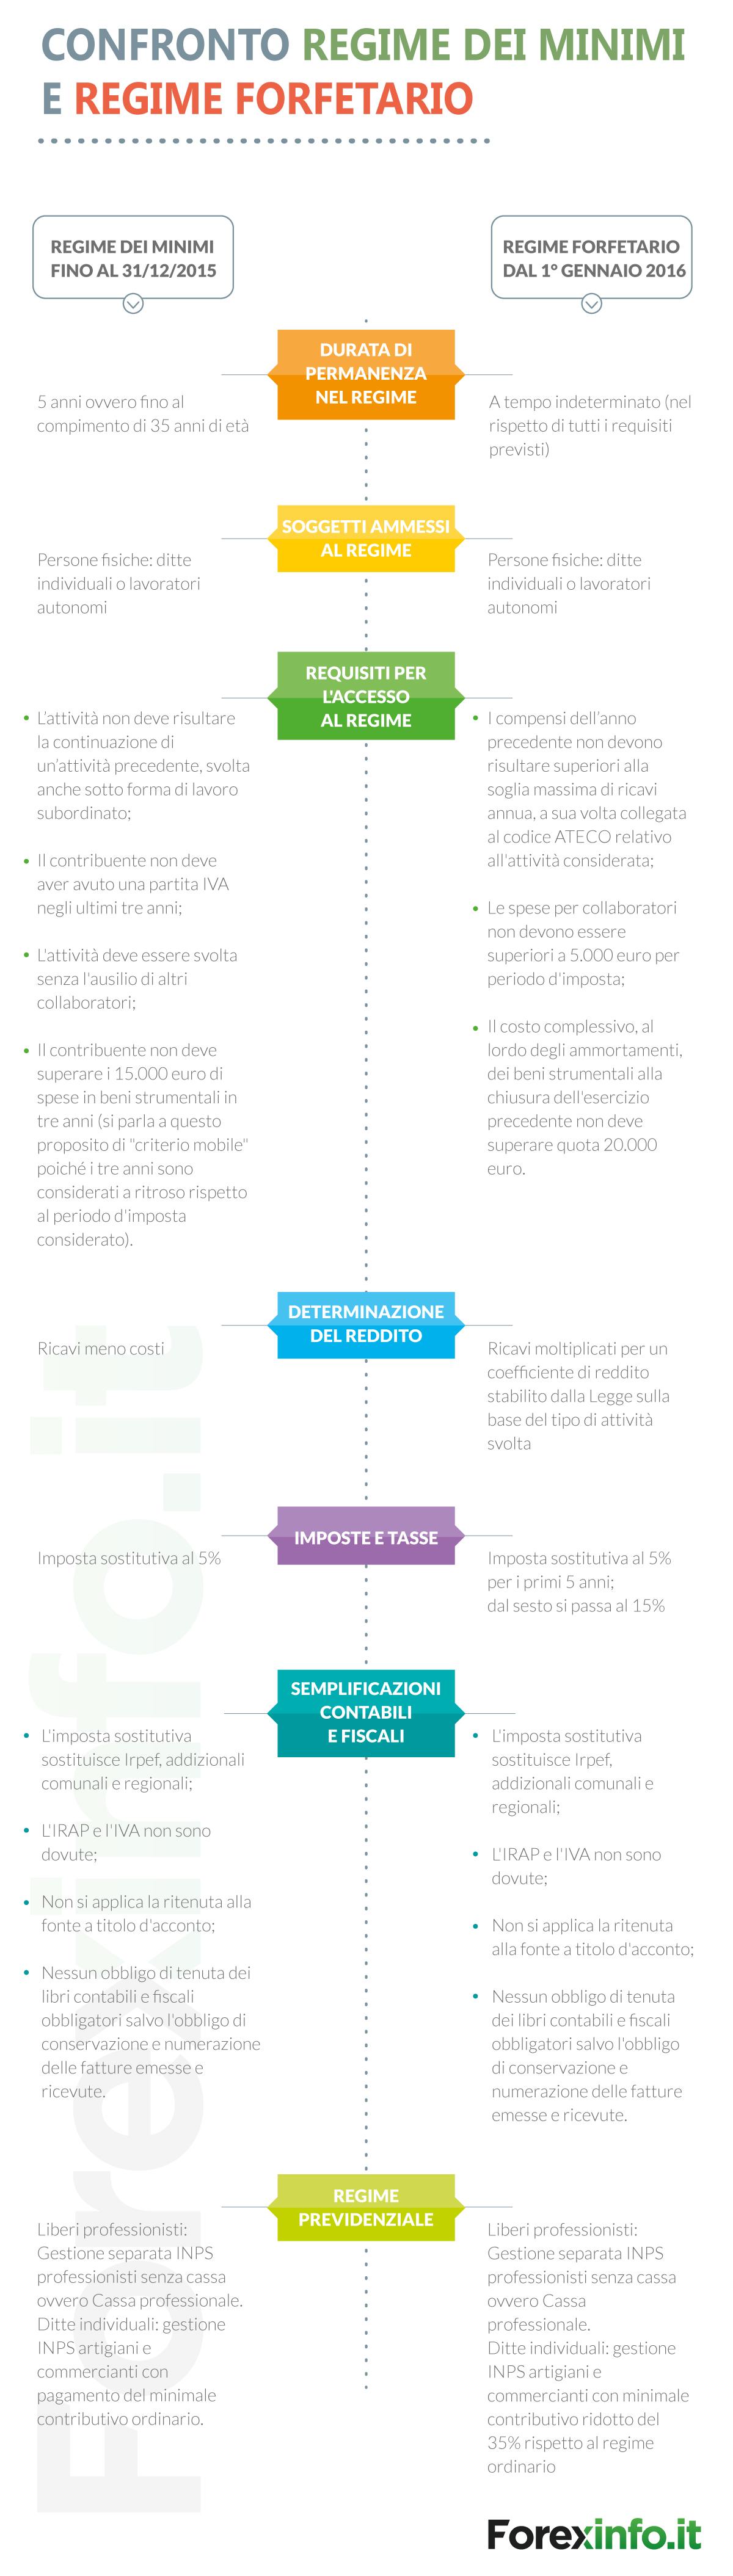 Partita IVA: regime dei minimi 2015 vs regime forfetario 2016